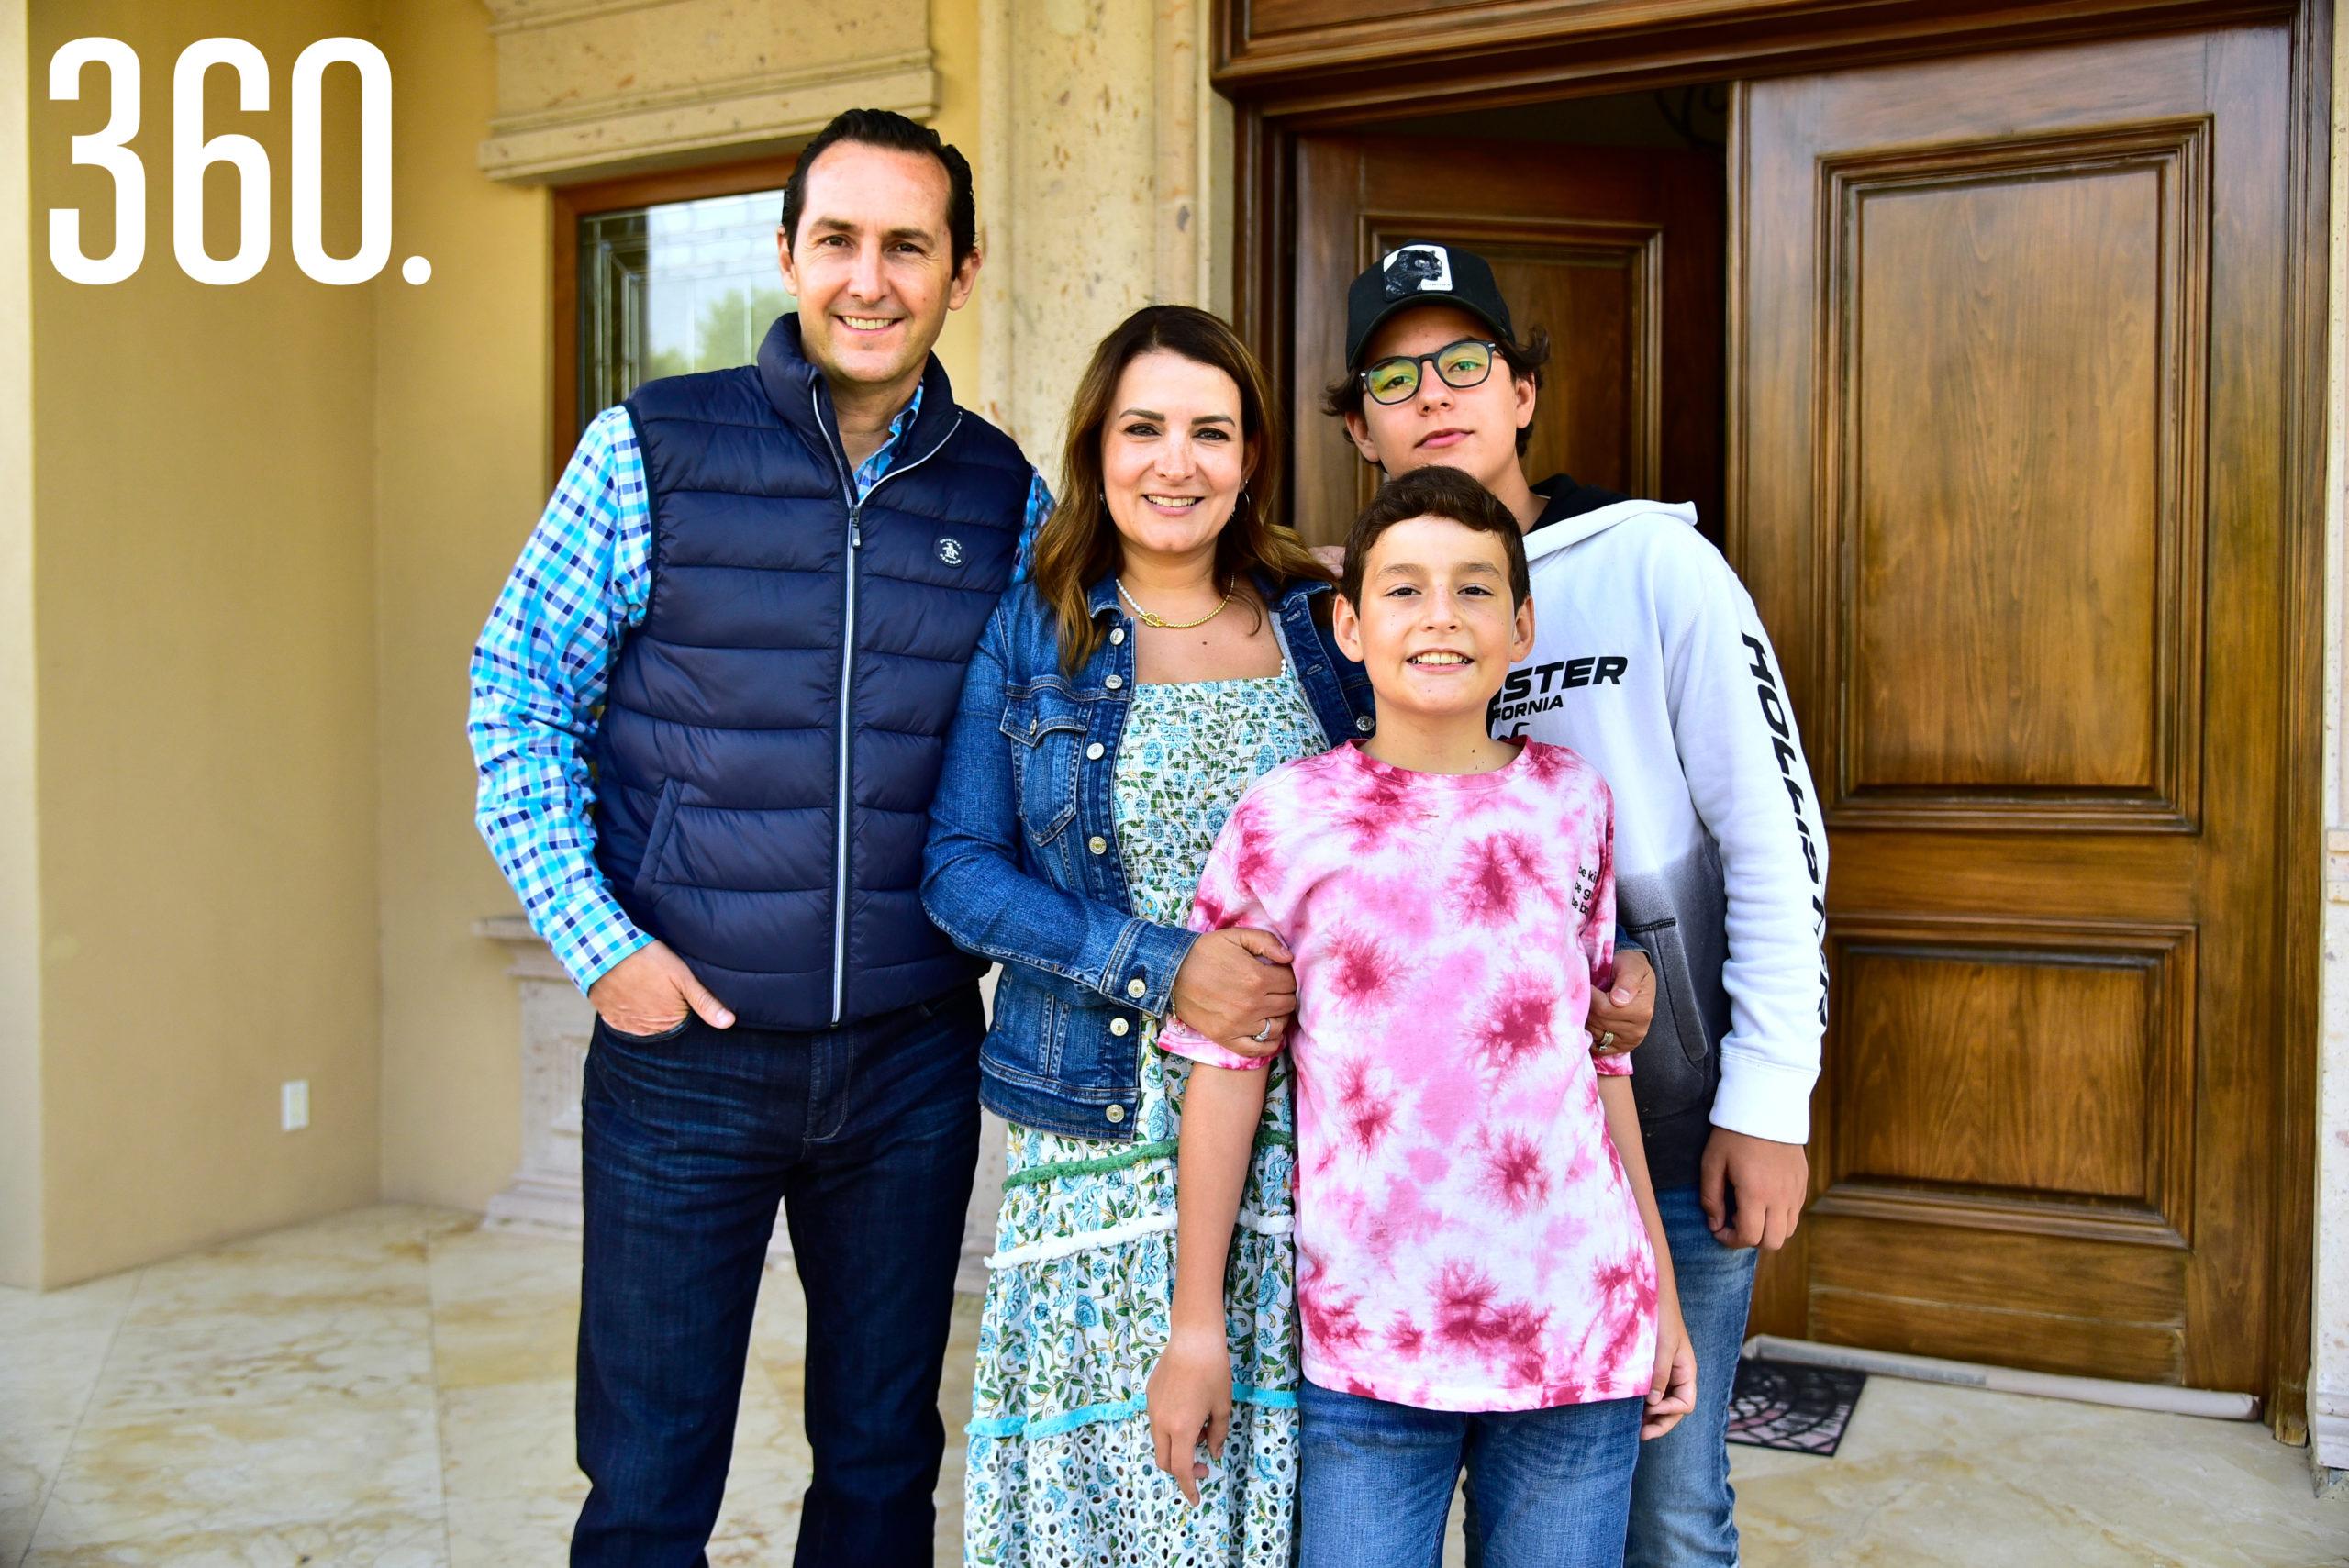 Amadelia de los Santos acompañada de su familia.